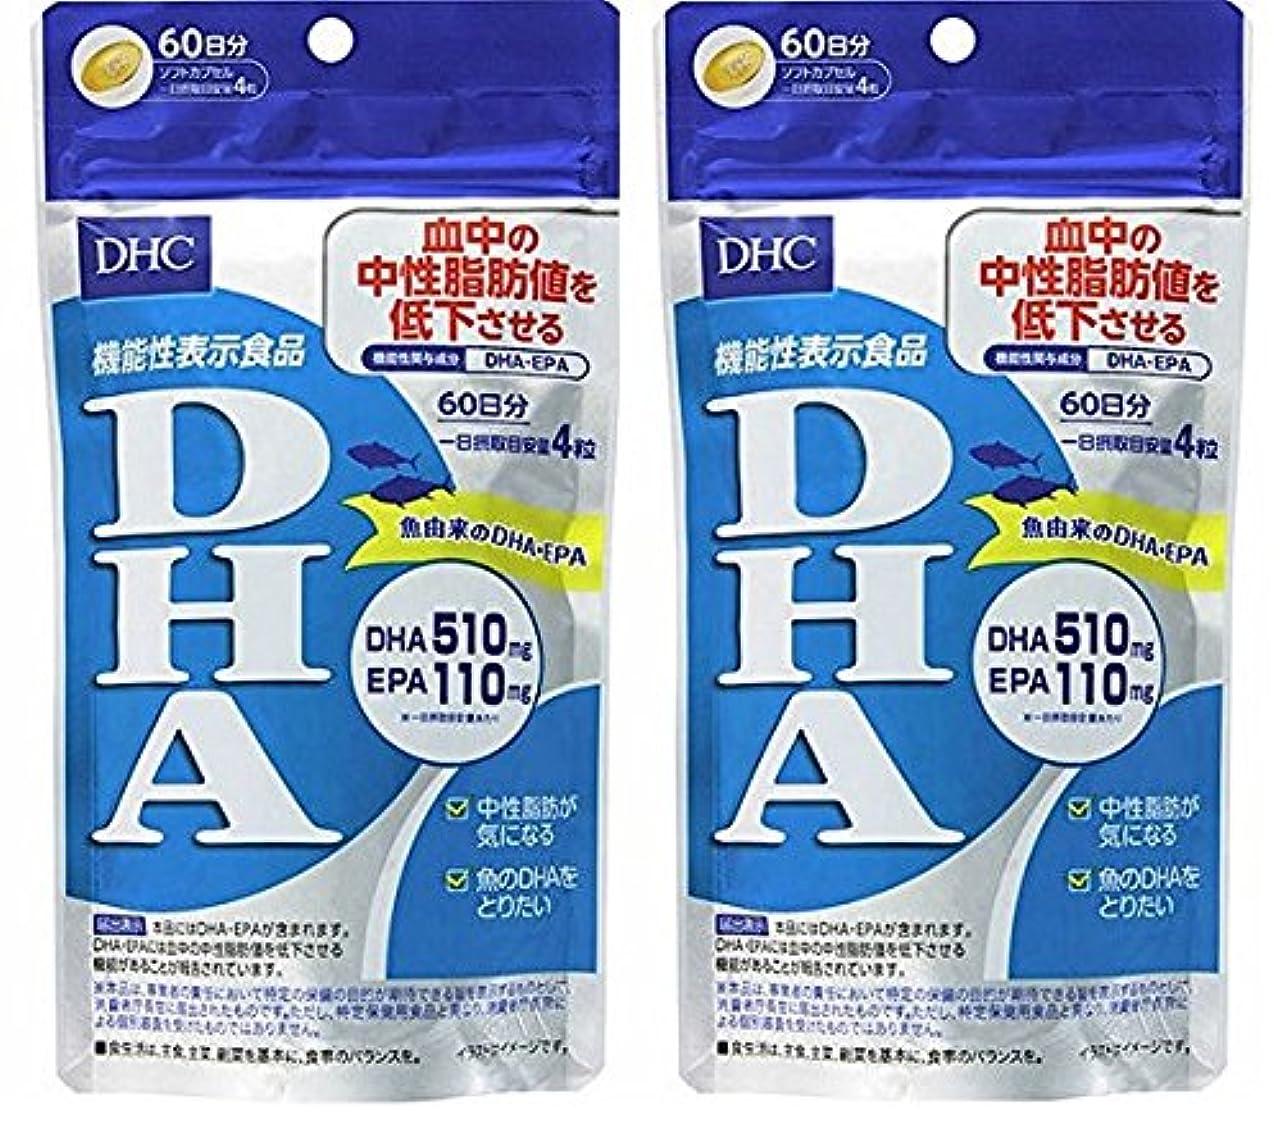 装備する支給結果として【2個セット品】DHC DHA 60日分 240粒 【機能性表示食品】